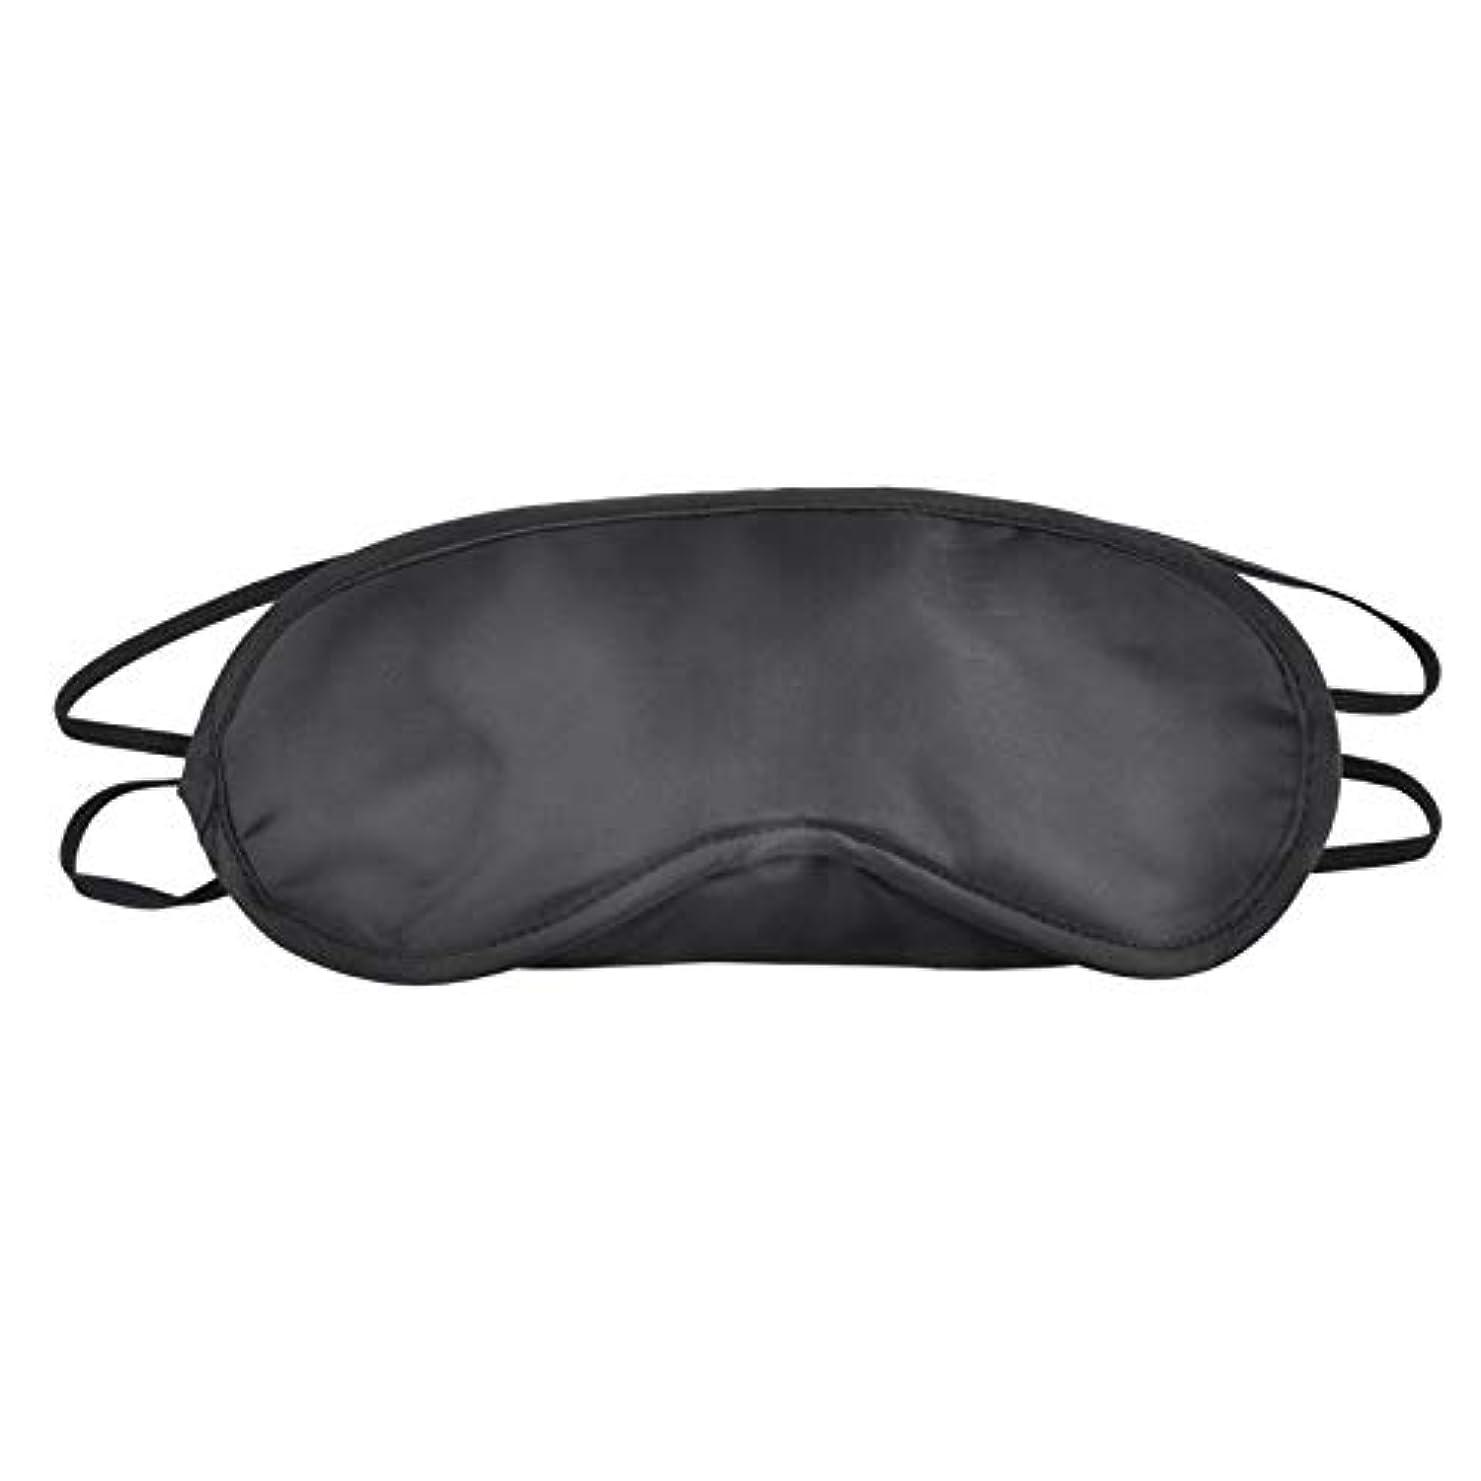 もう一度駐地ボトルネックNOTE ブラックアイマスクシェードナップカバー目隠しマスク用睡眠旅行ソフトポリエステルマスク